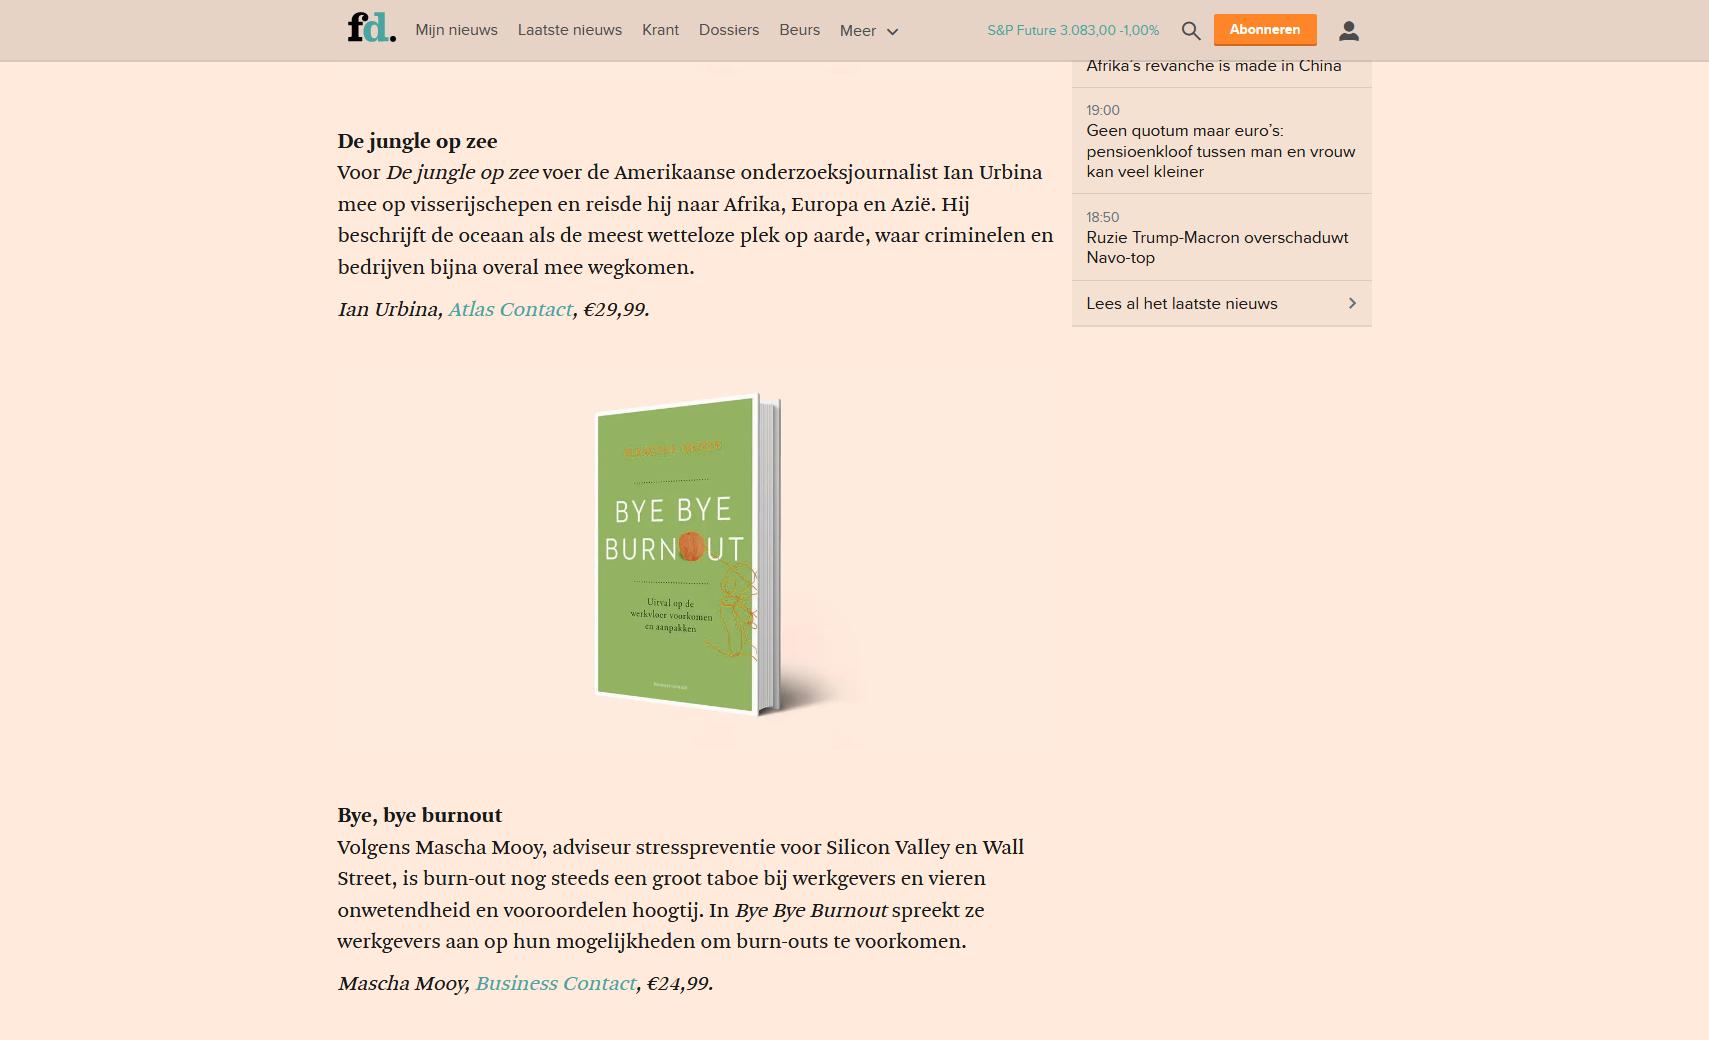 fd_nl-boekrecensie